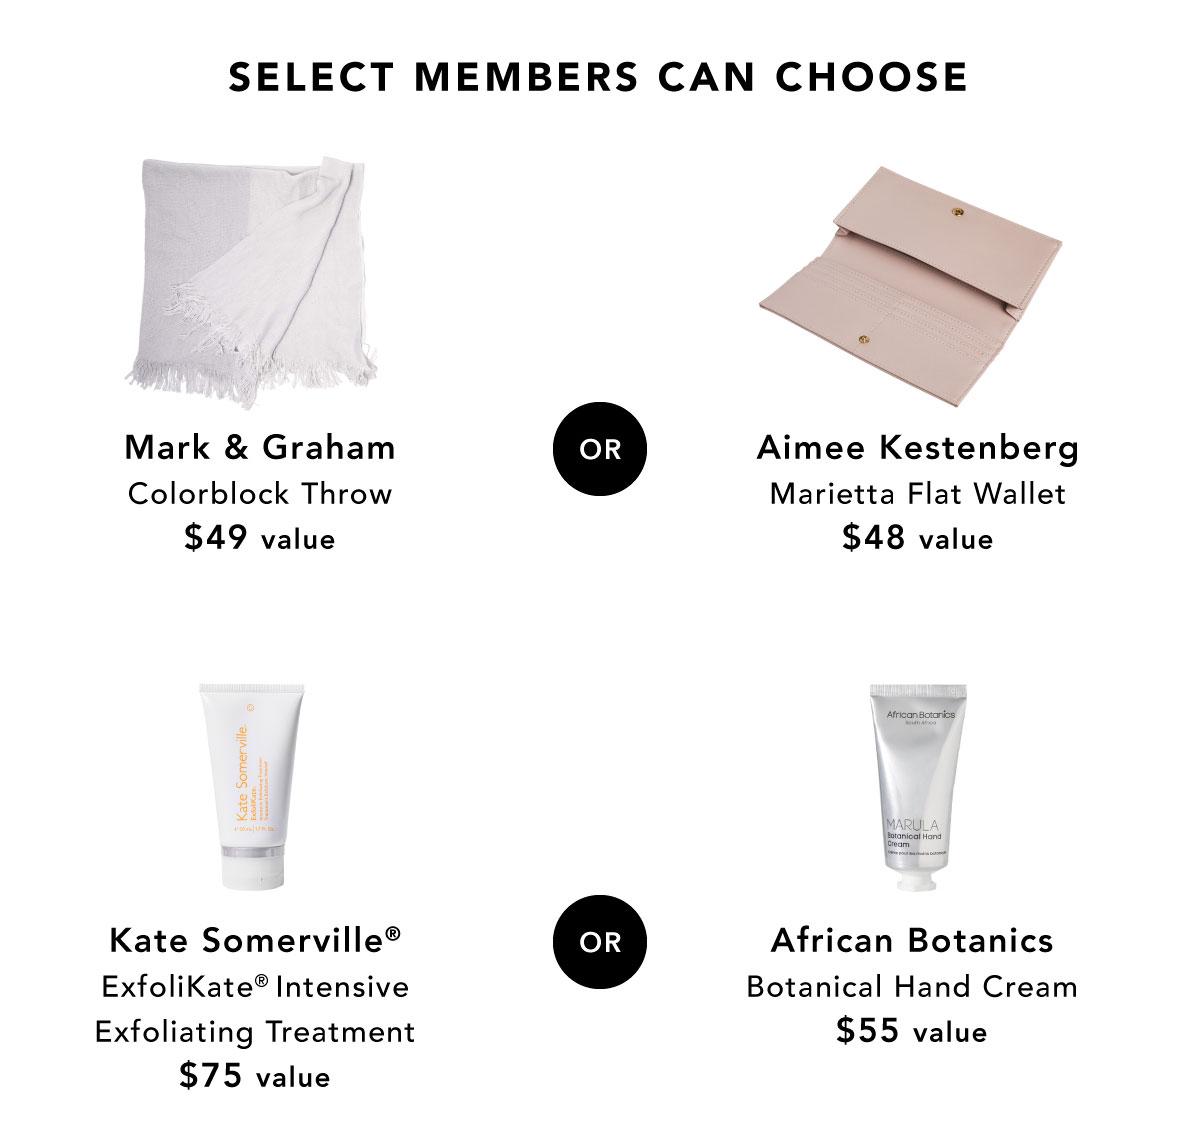 Select Members Can Choose